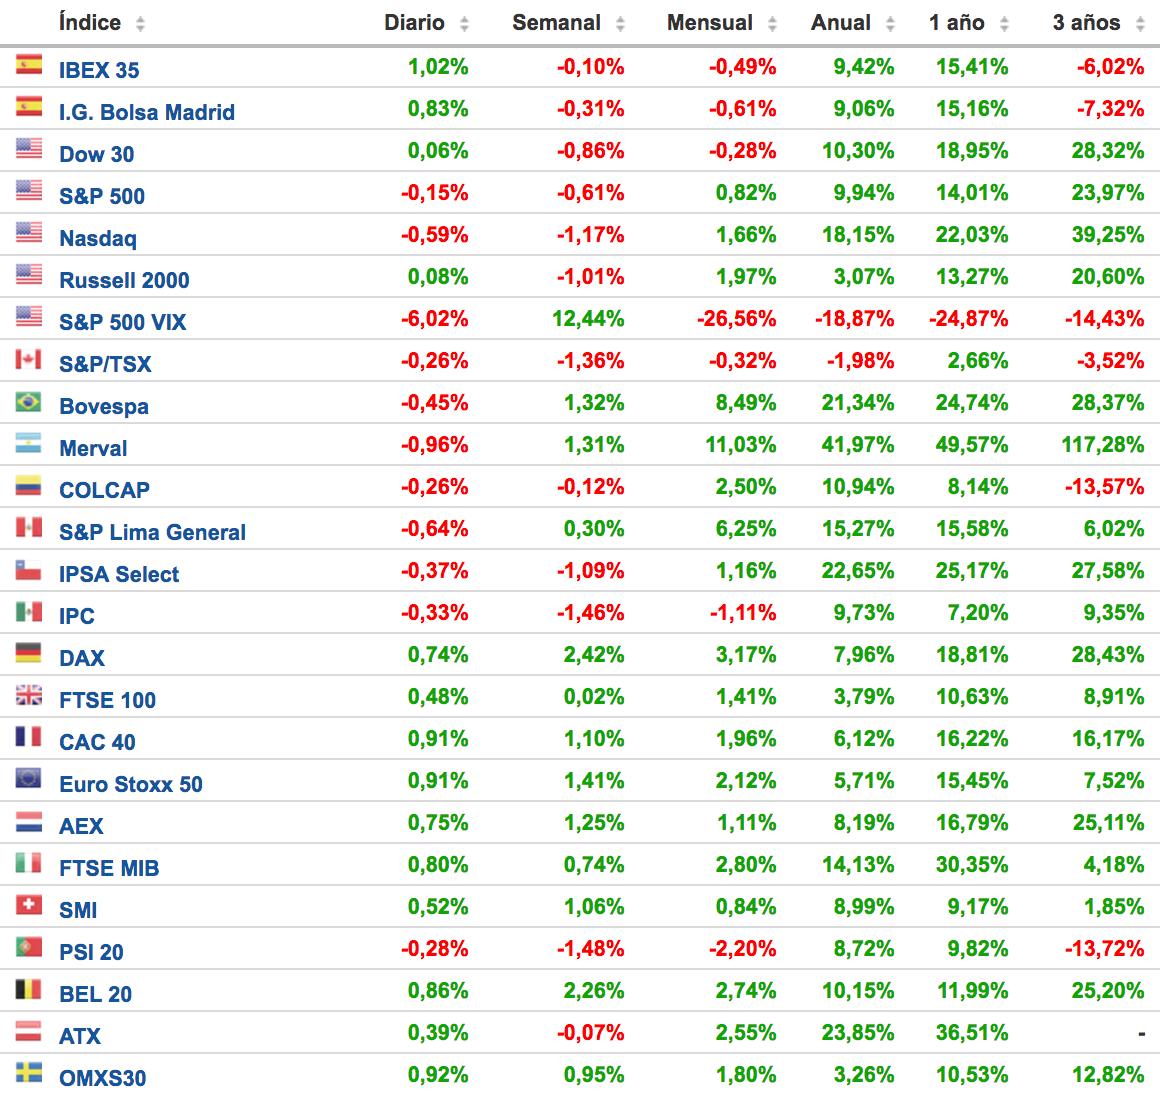 comportamiento de los principales índices bursátiles - blog Altair Finance